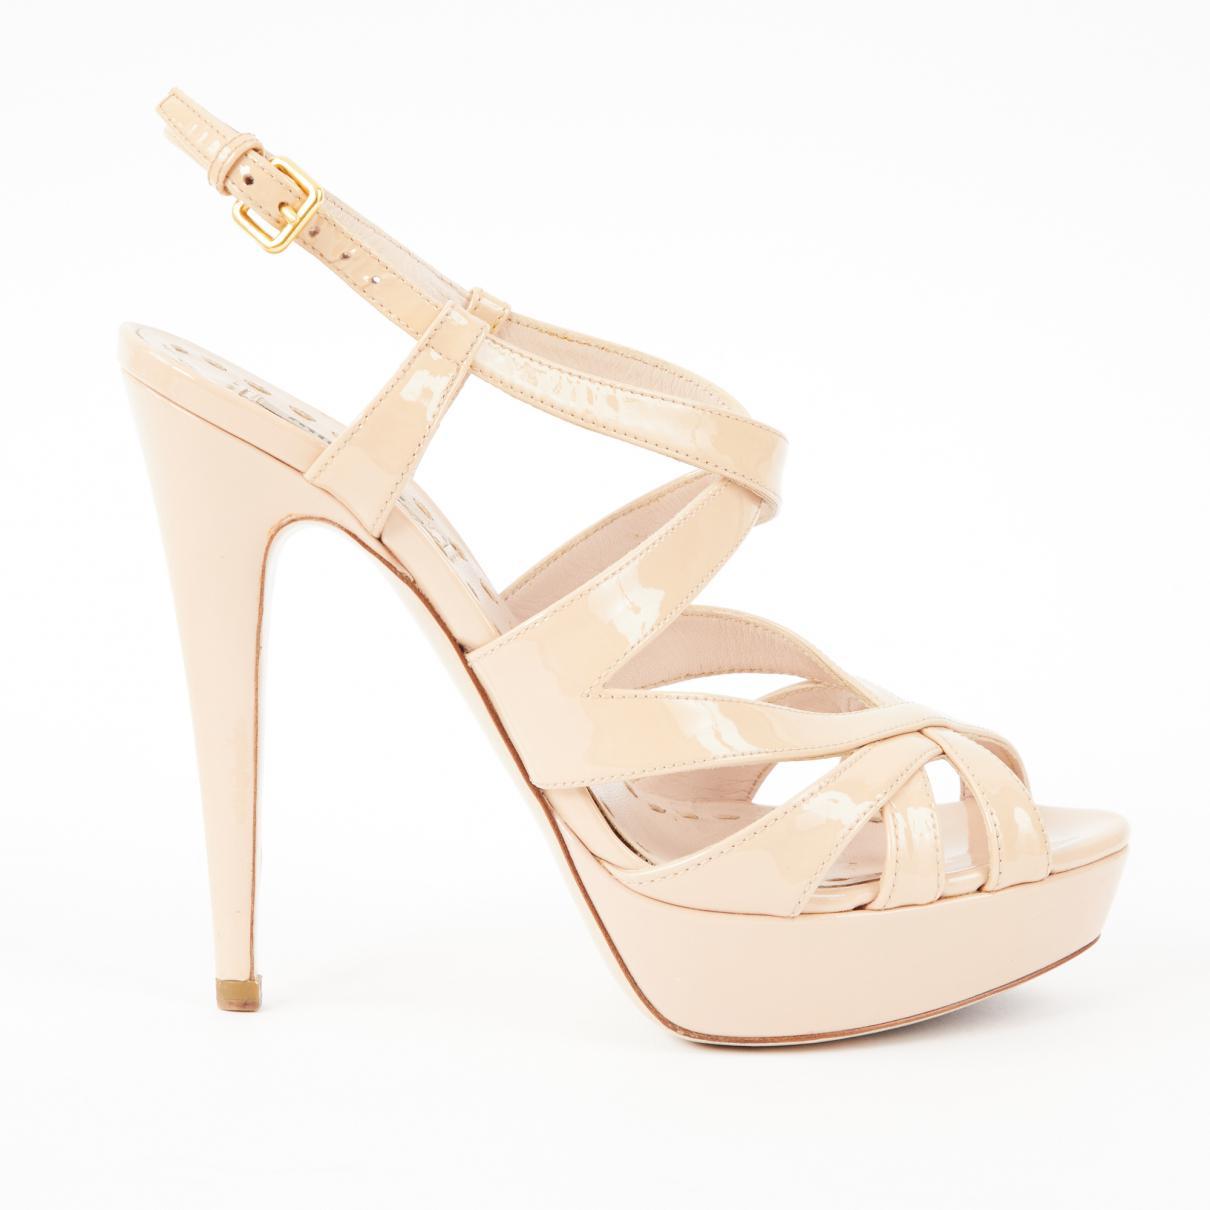 Pre-owned - Pink Patent leather Sandals Miu Miu 8ZgRnp